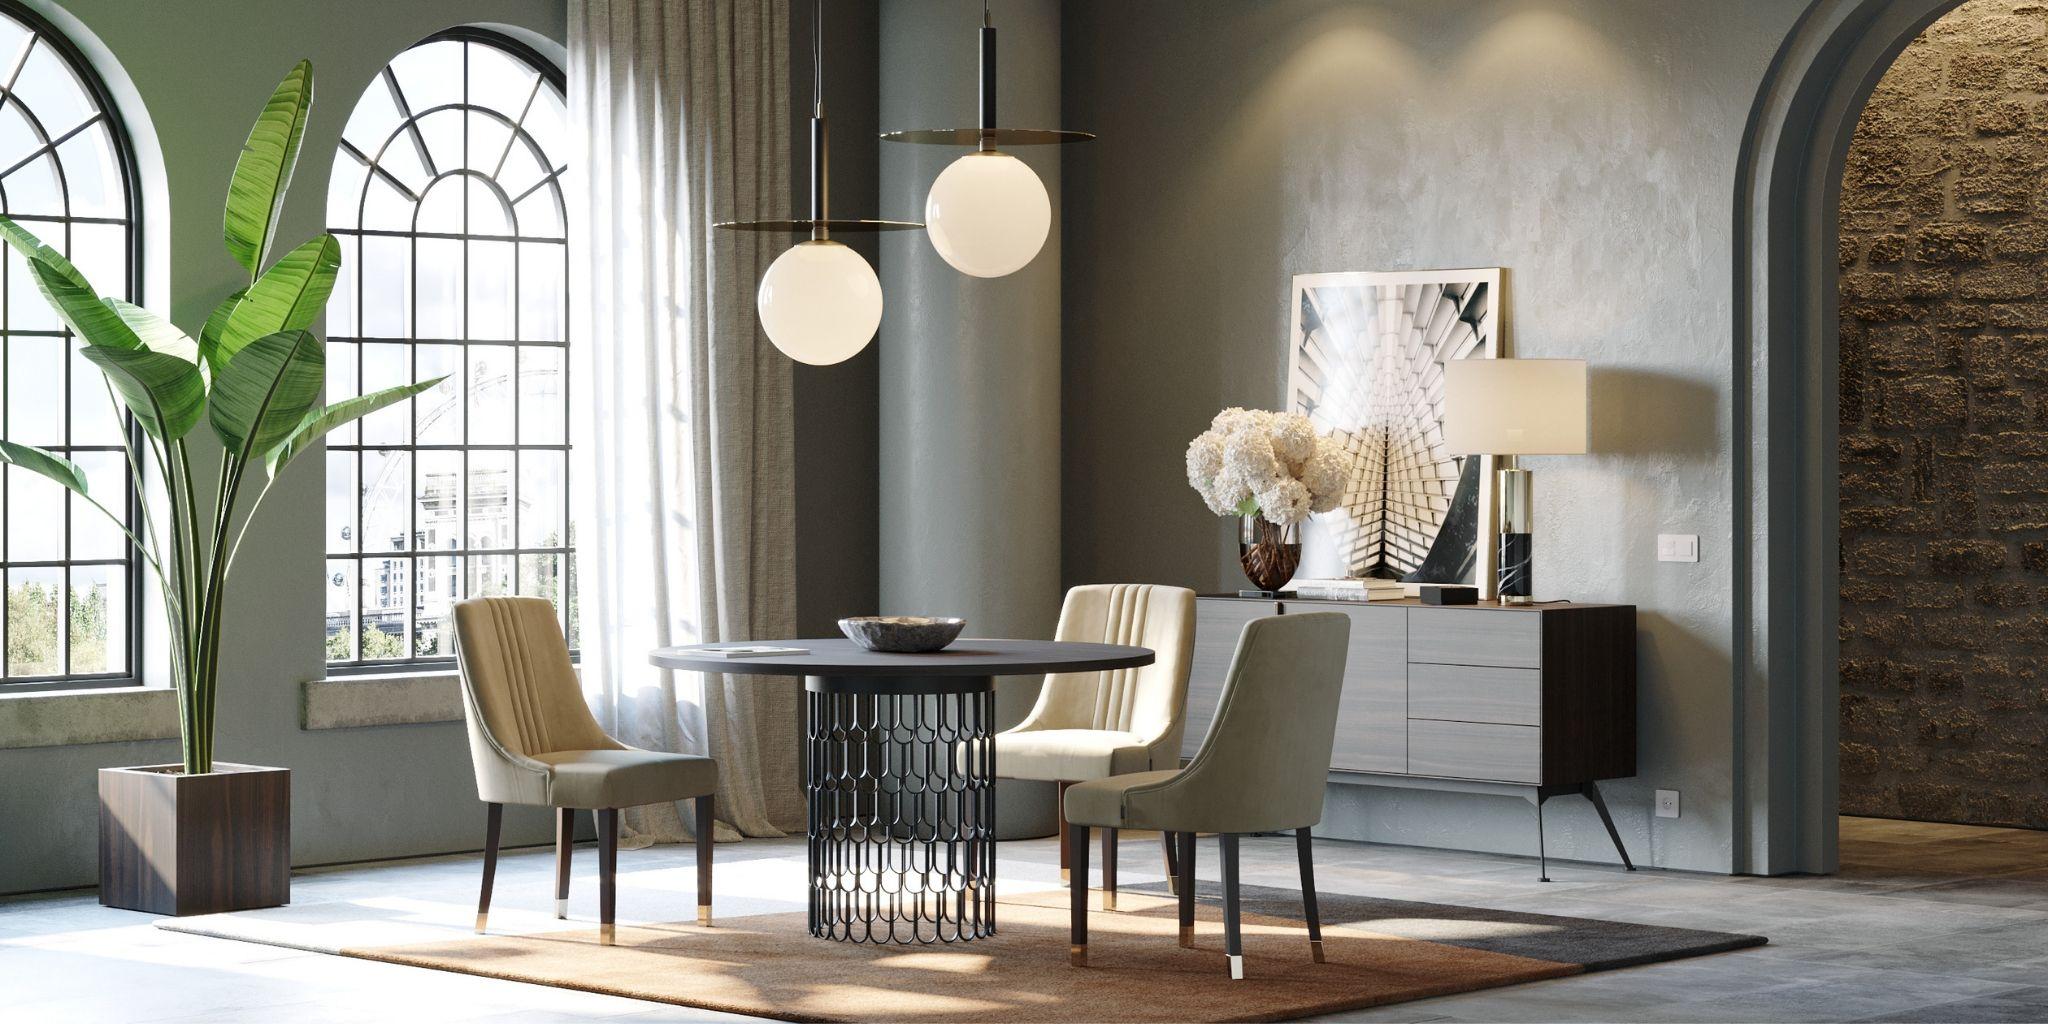 sala de jantar moderna com pormenores de madeira e metal